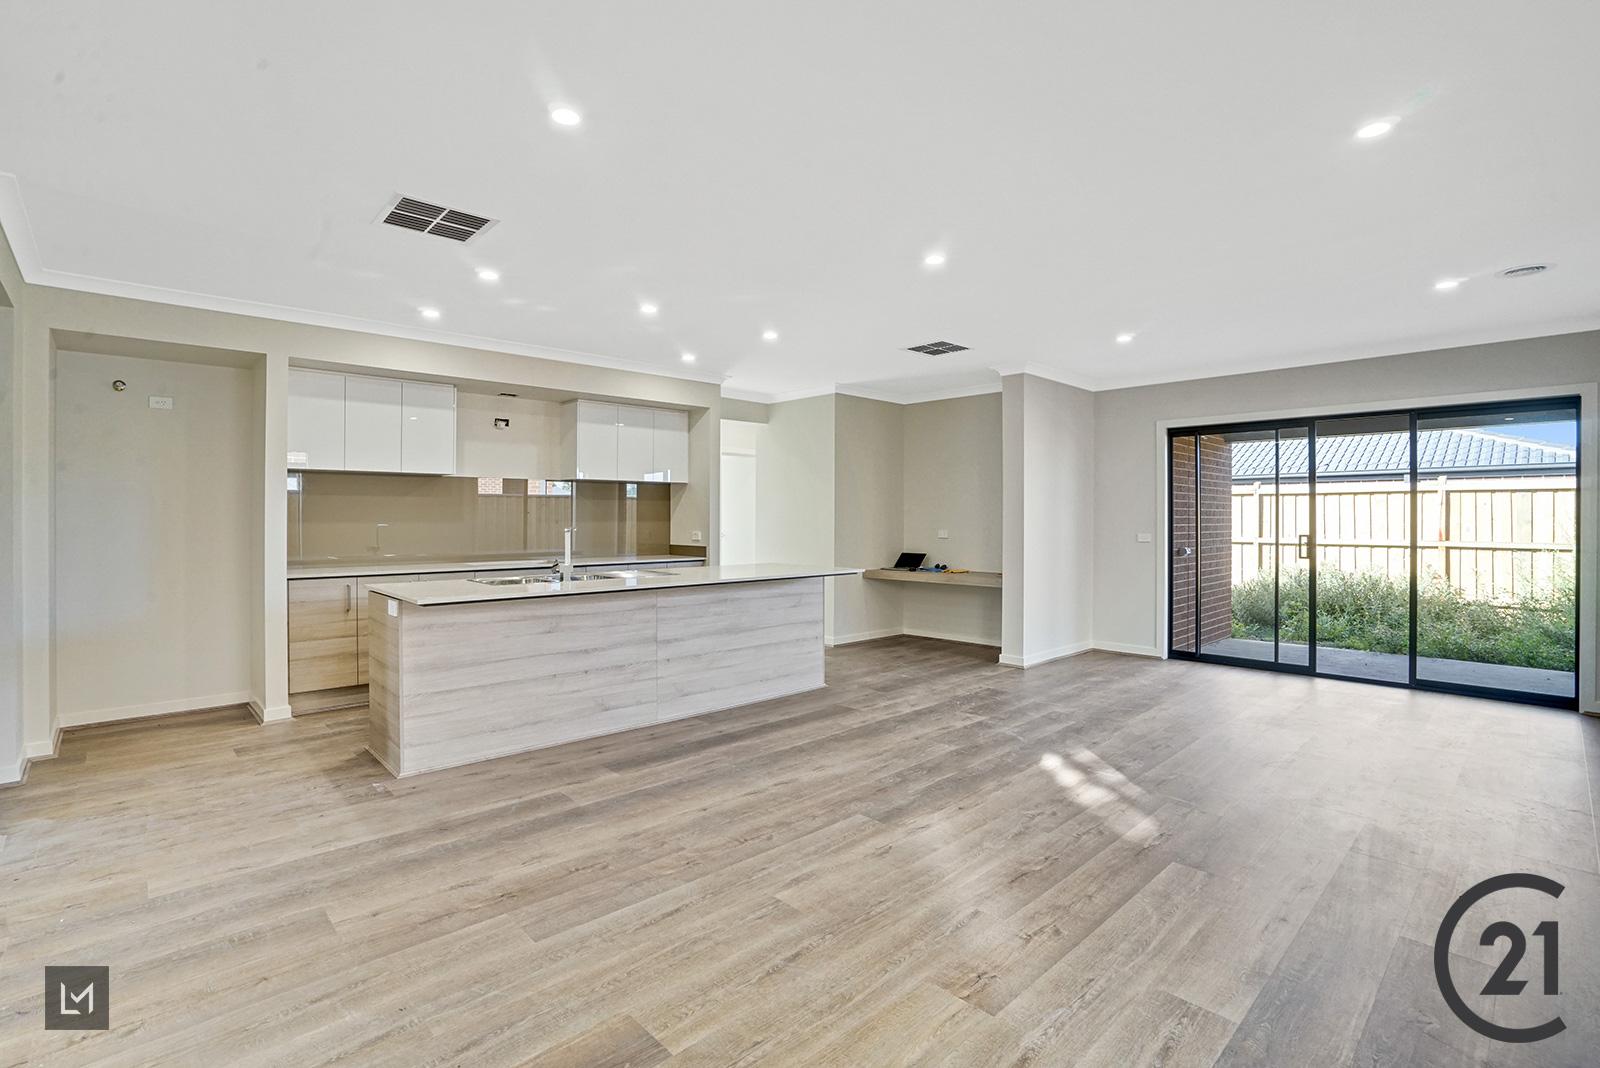 Photo immobilière de la cuisine d'une maison